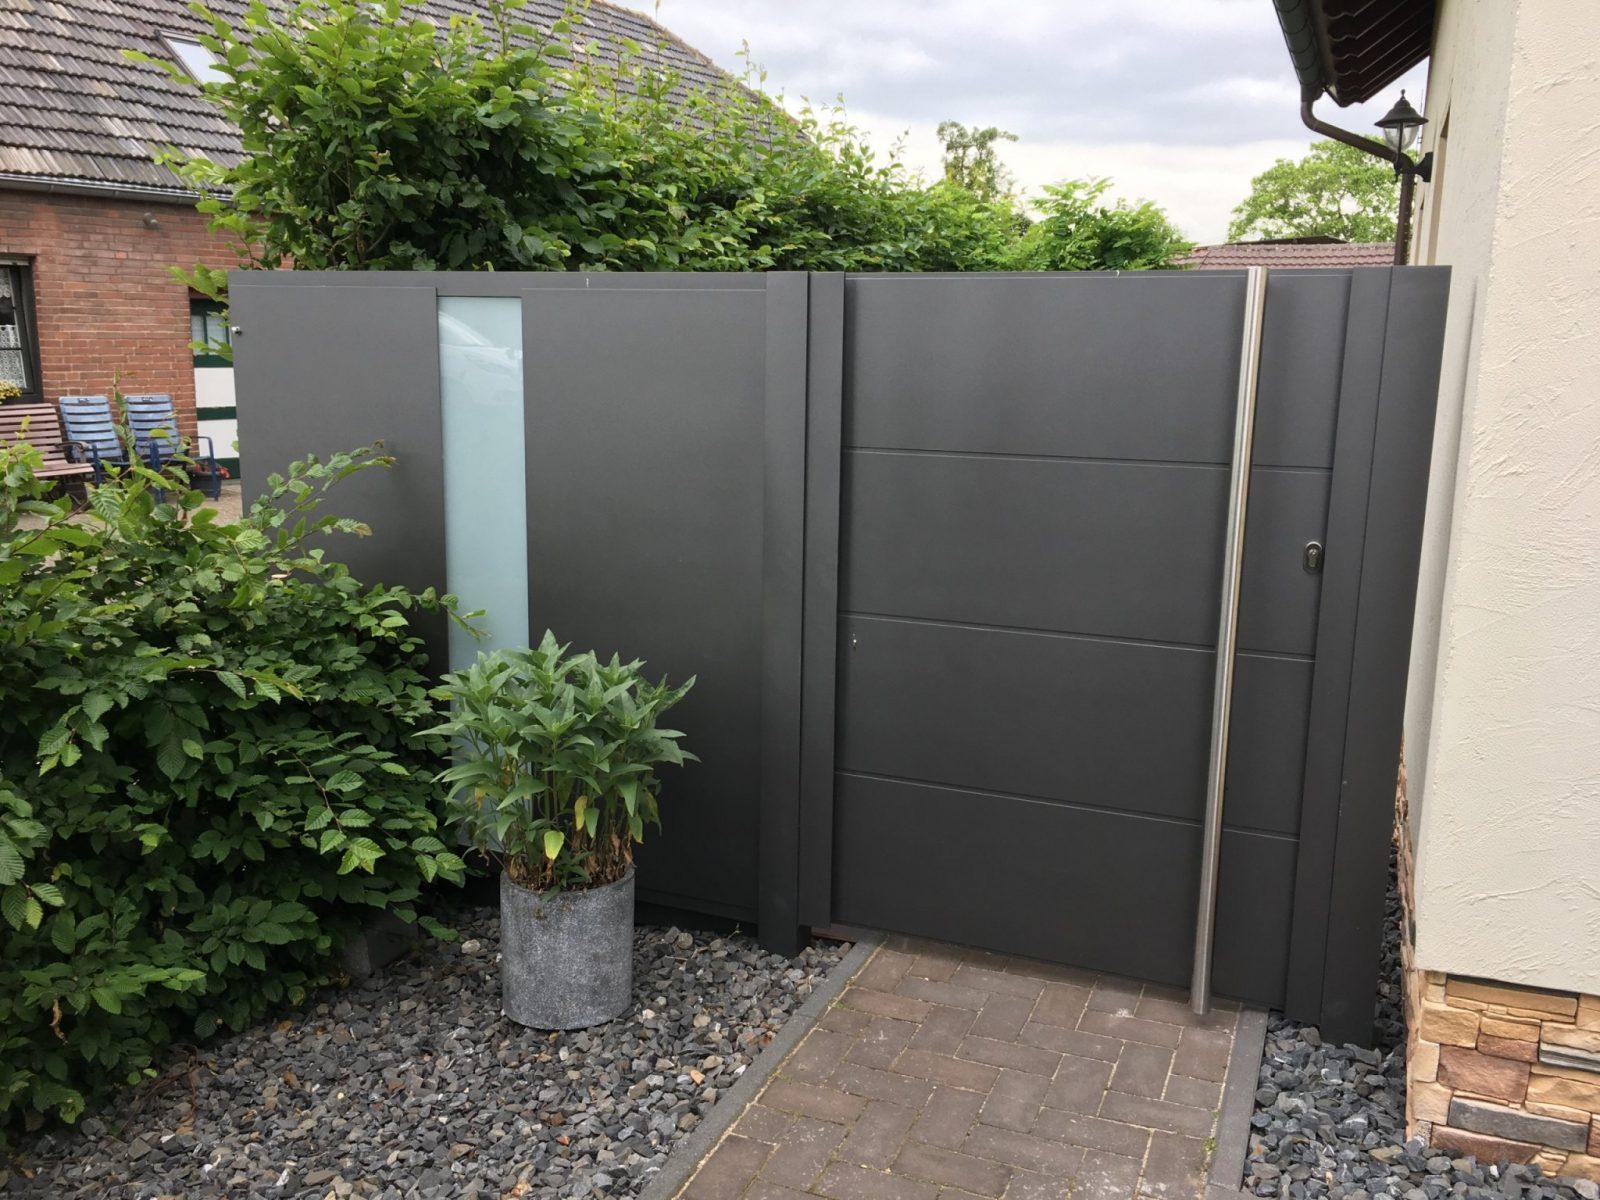 23 Schön Garten Zaun Für Konzept Gartentor 2 M Hoch von Gartentor 2 M Hoch Photo